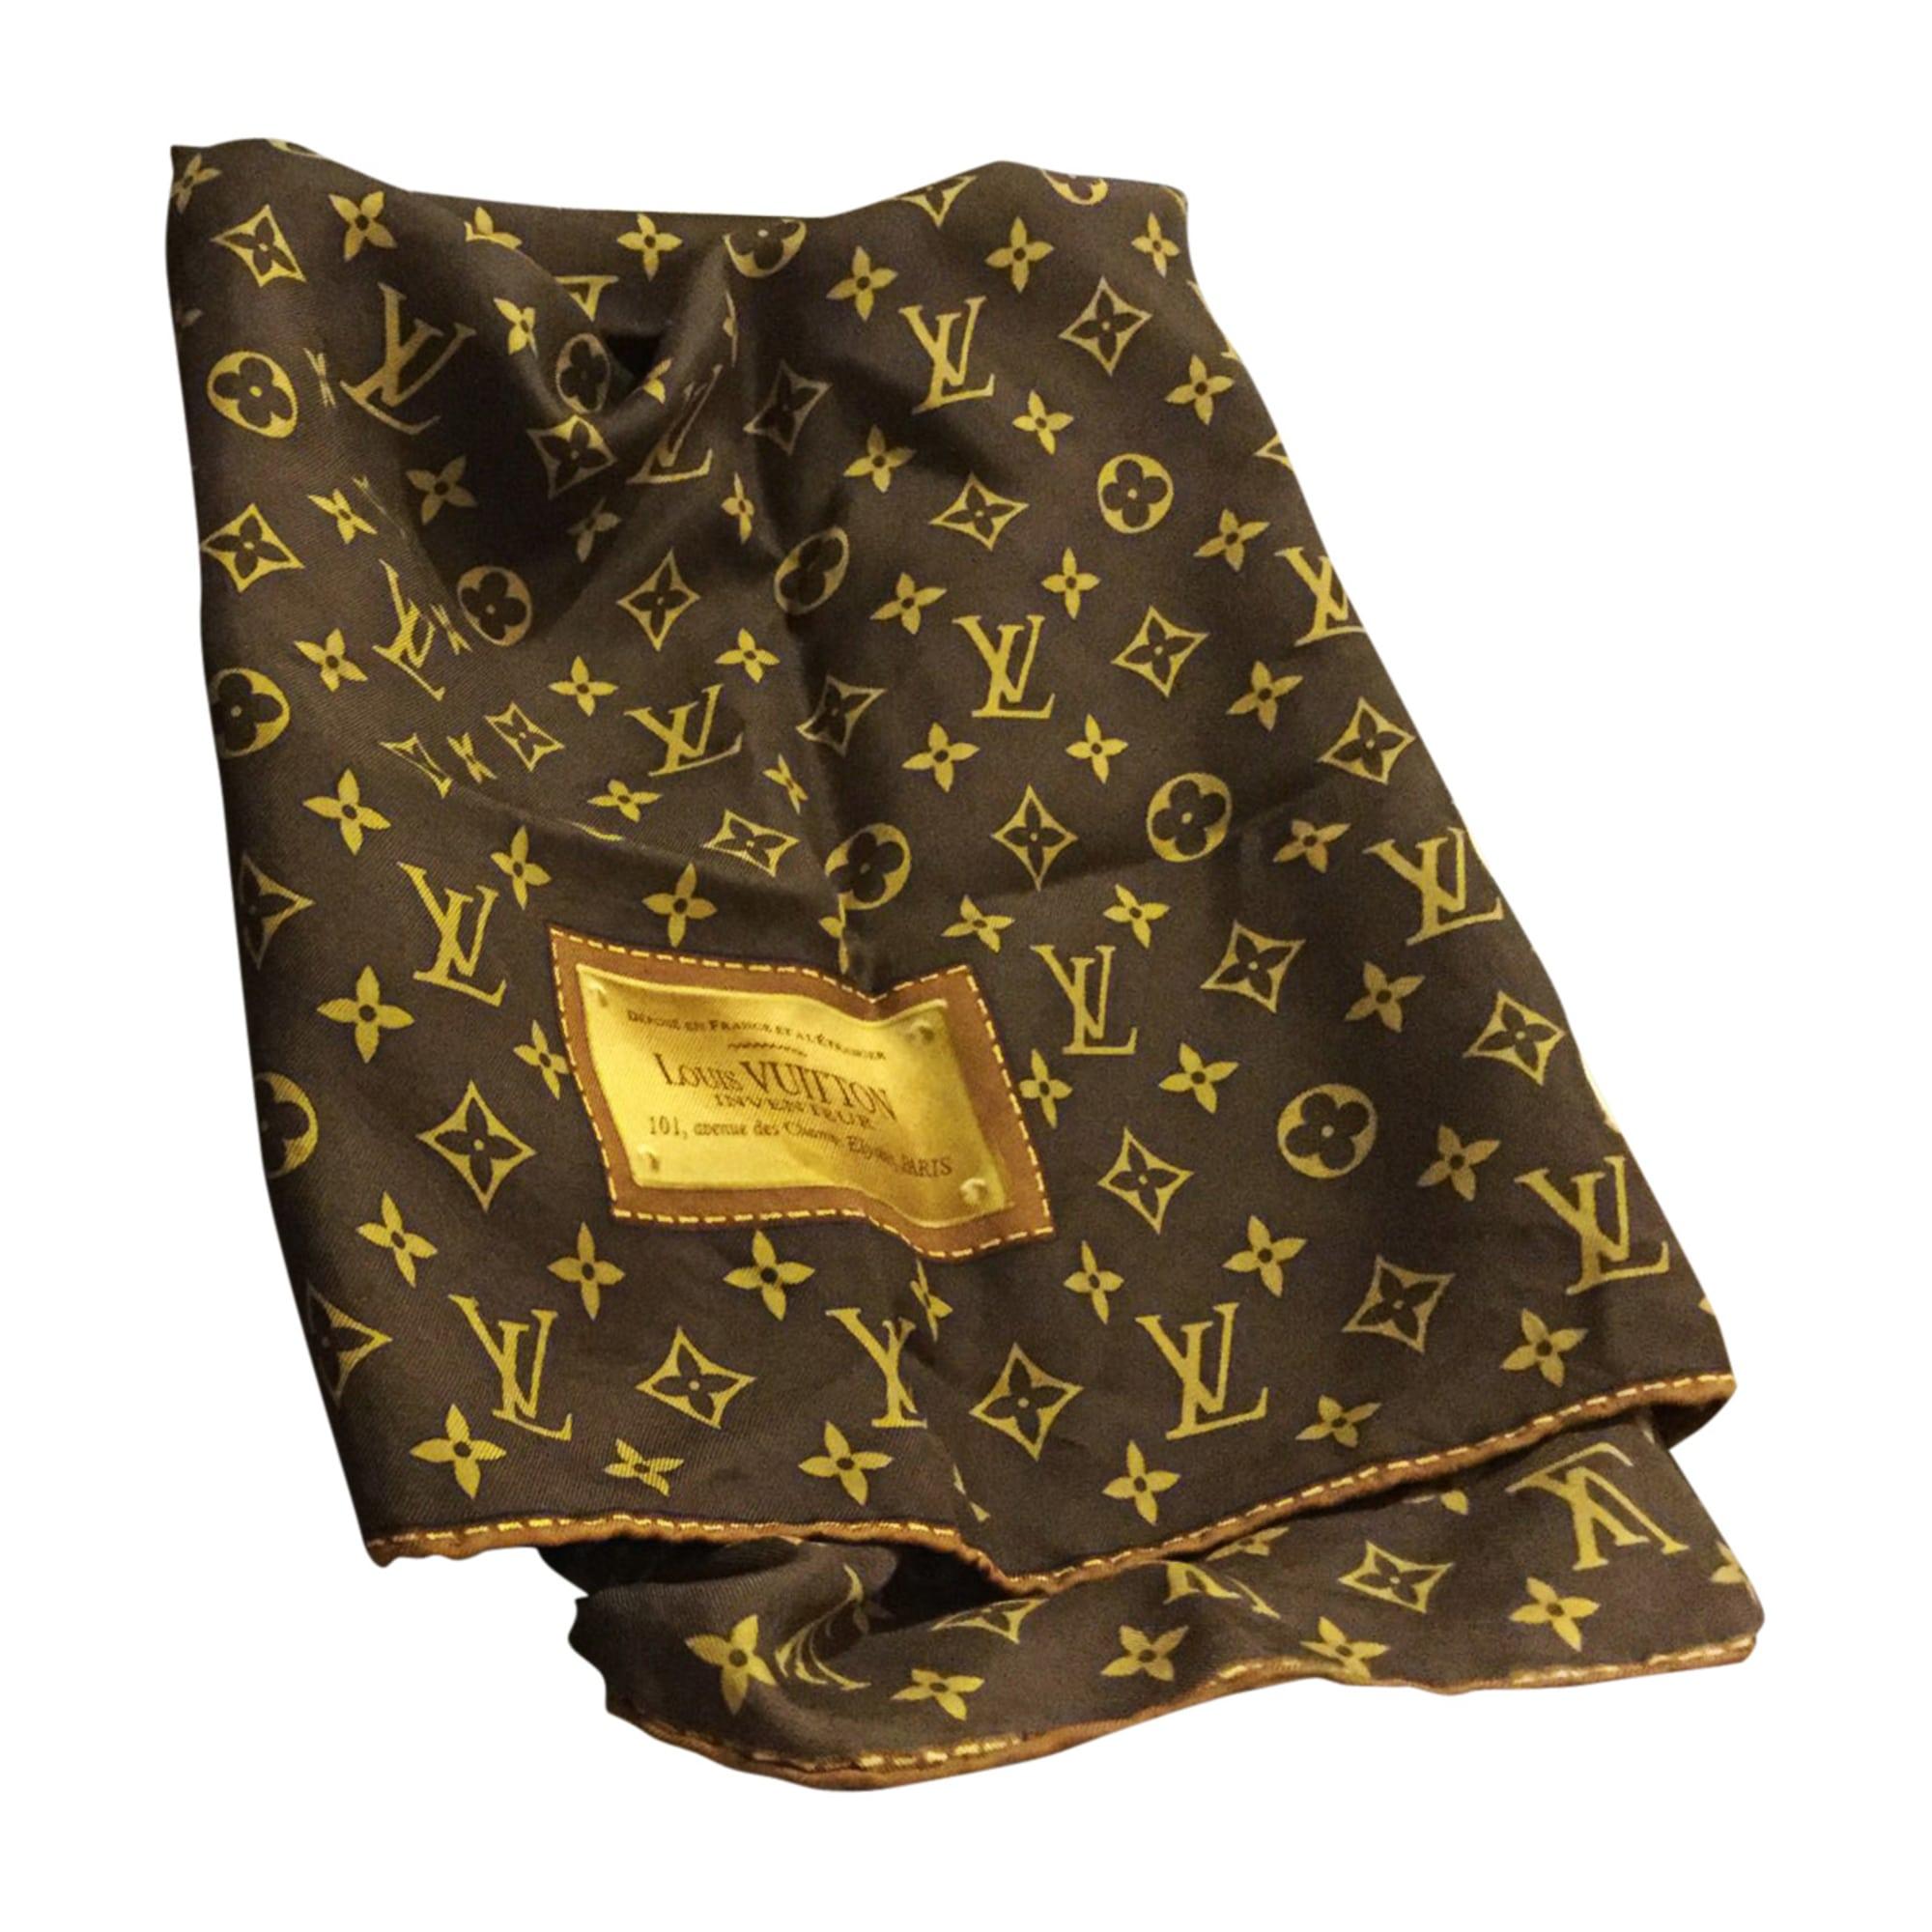 Foulard LOUIS VUITTON marron vendu par Lilia87 - 7723062 3967229a255